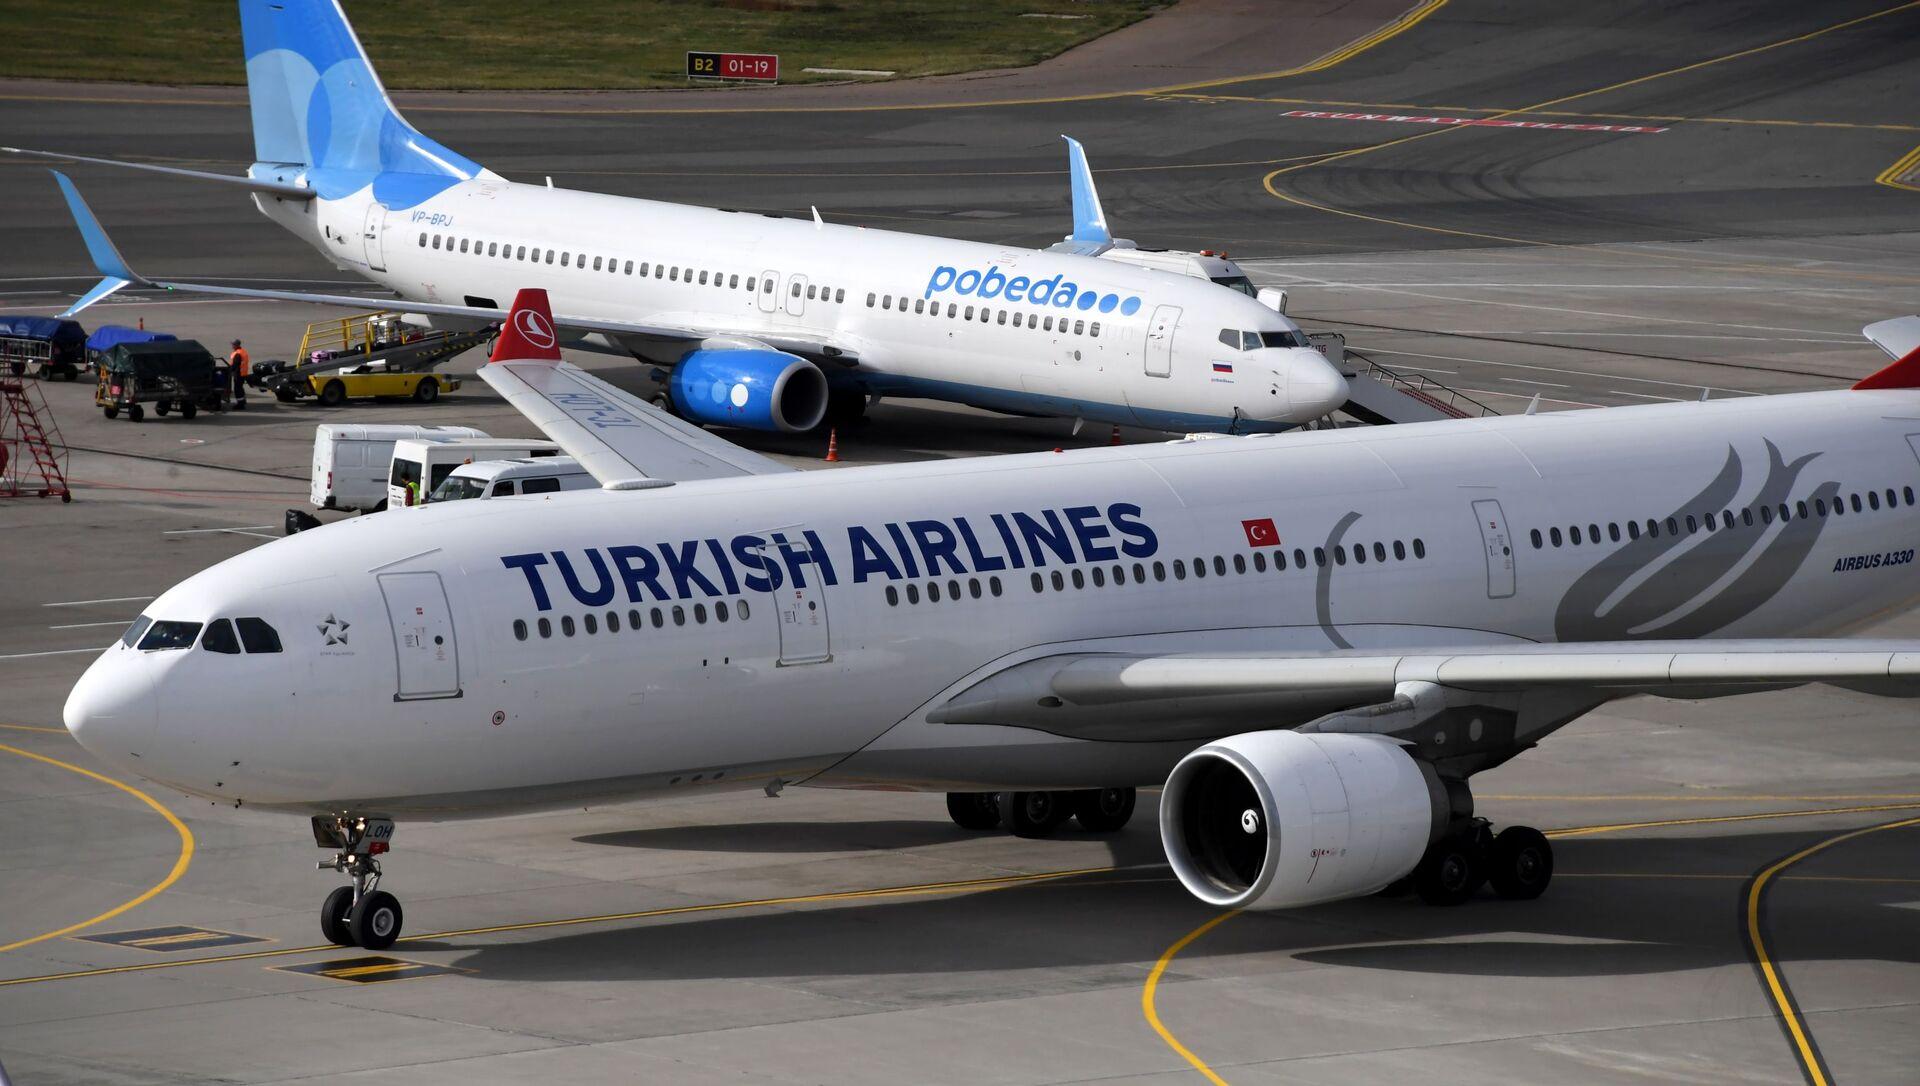 Самолеты авиакомпаний Тurkish Airlines (Турецкие Авиалинии)  - Sputnik Таджикистан, 1920, 25.02.2021